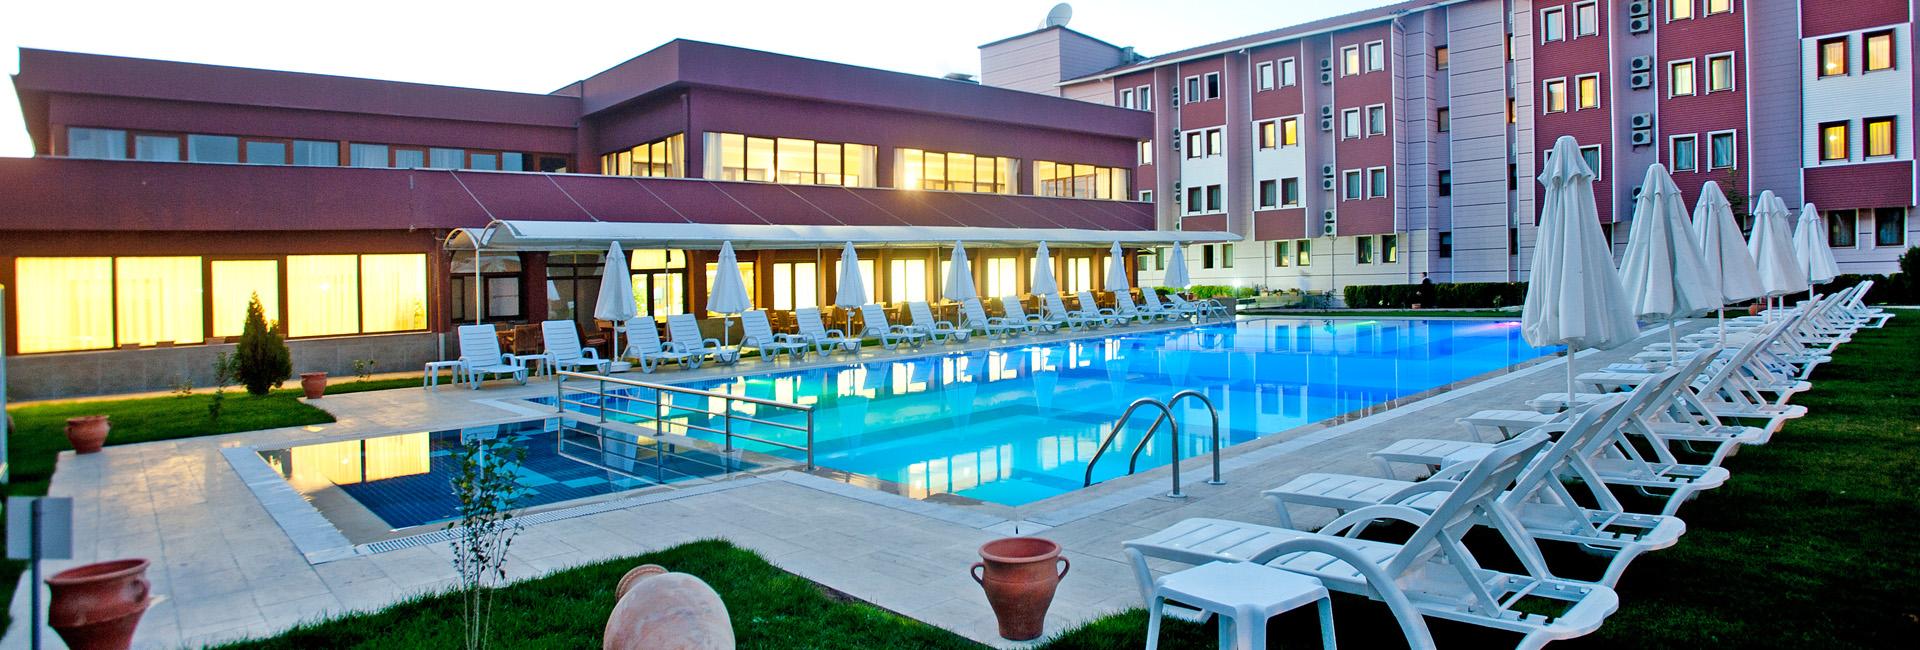 Фото отеля Crystal Kaymakli Hotel & Spa 4*